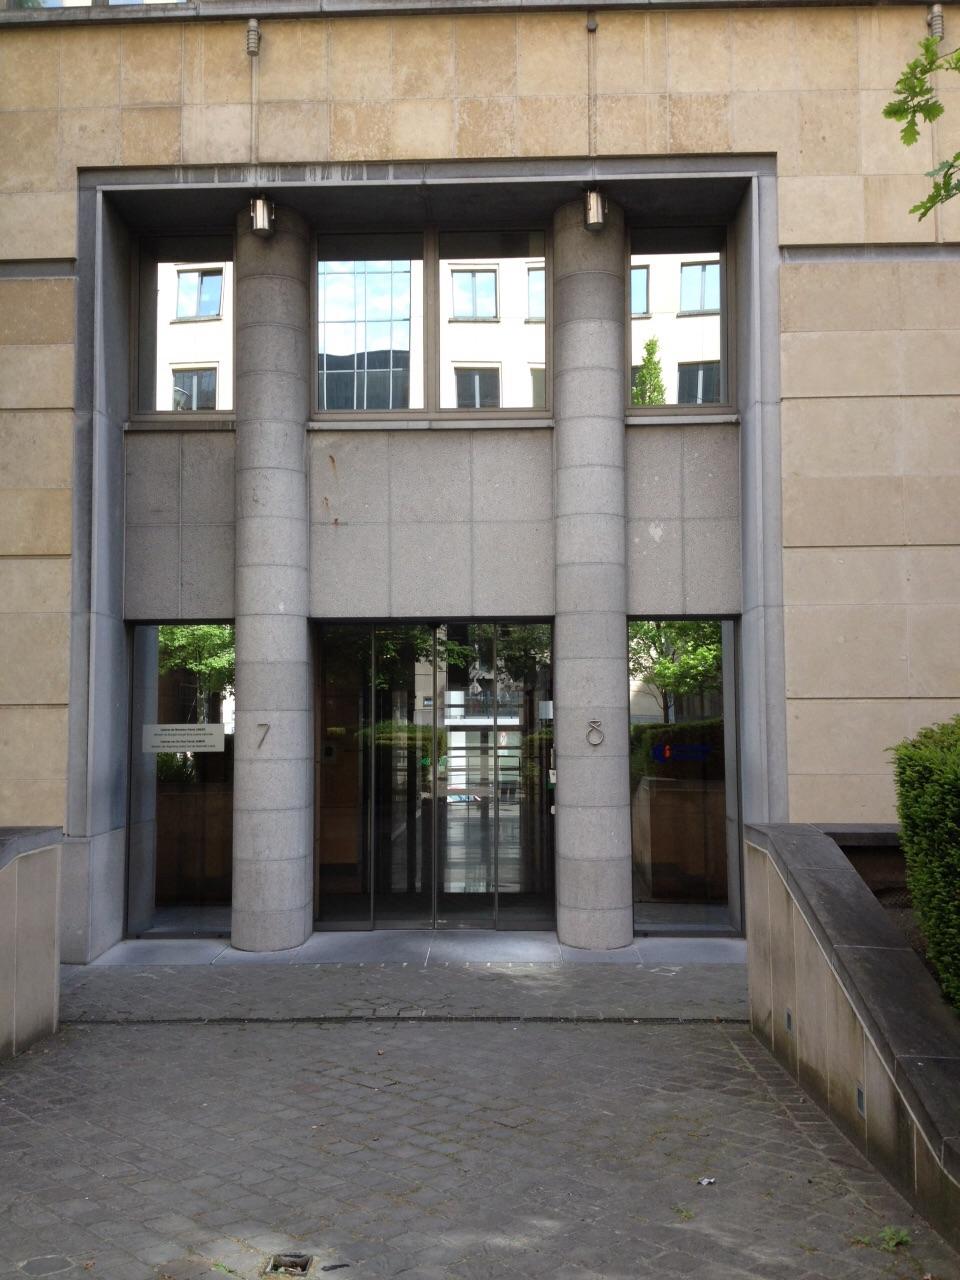 La cci france belgique cci fb chambre de commerce for Cci chambre de commerce